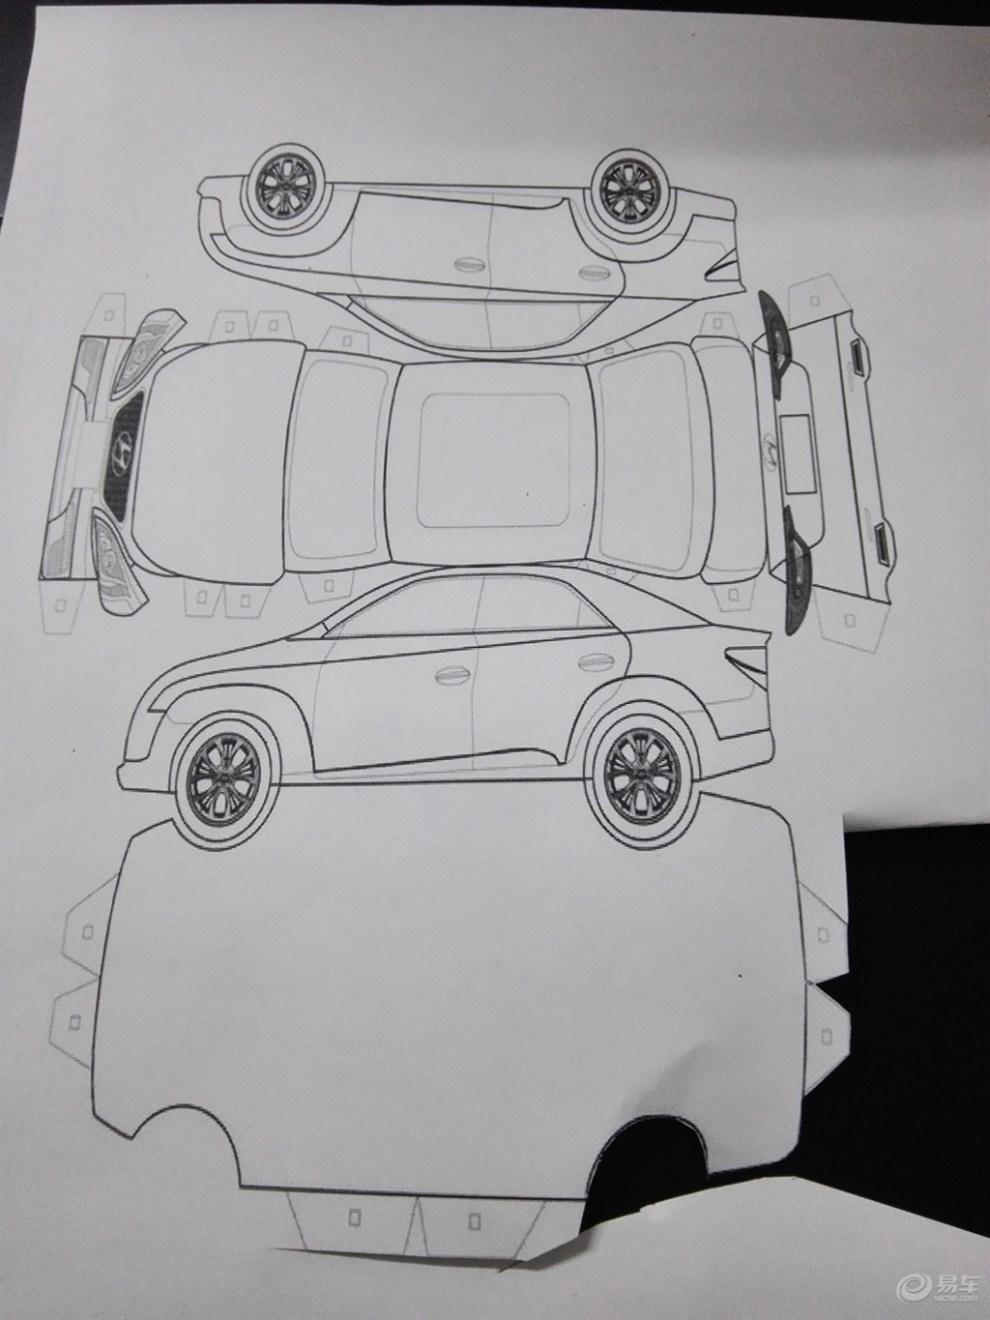 第九代索纳塔 3d立体折纸 画汽车 乐乐简笔画 画汽车 乐乐简笔画